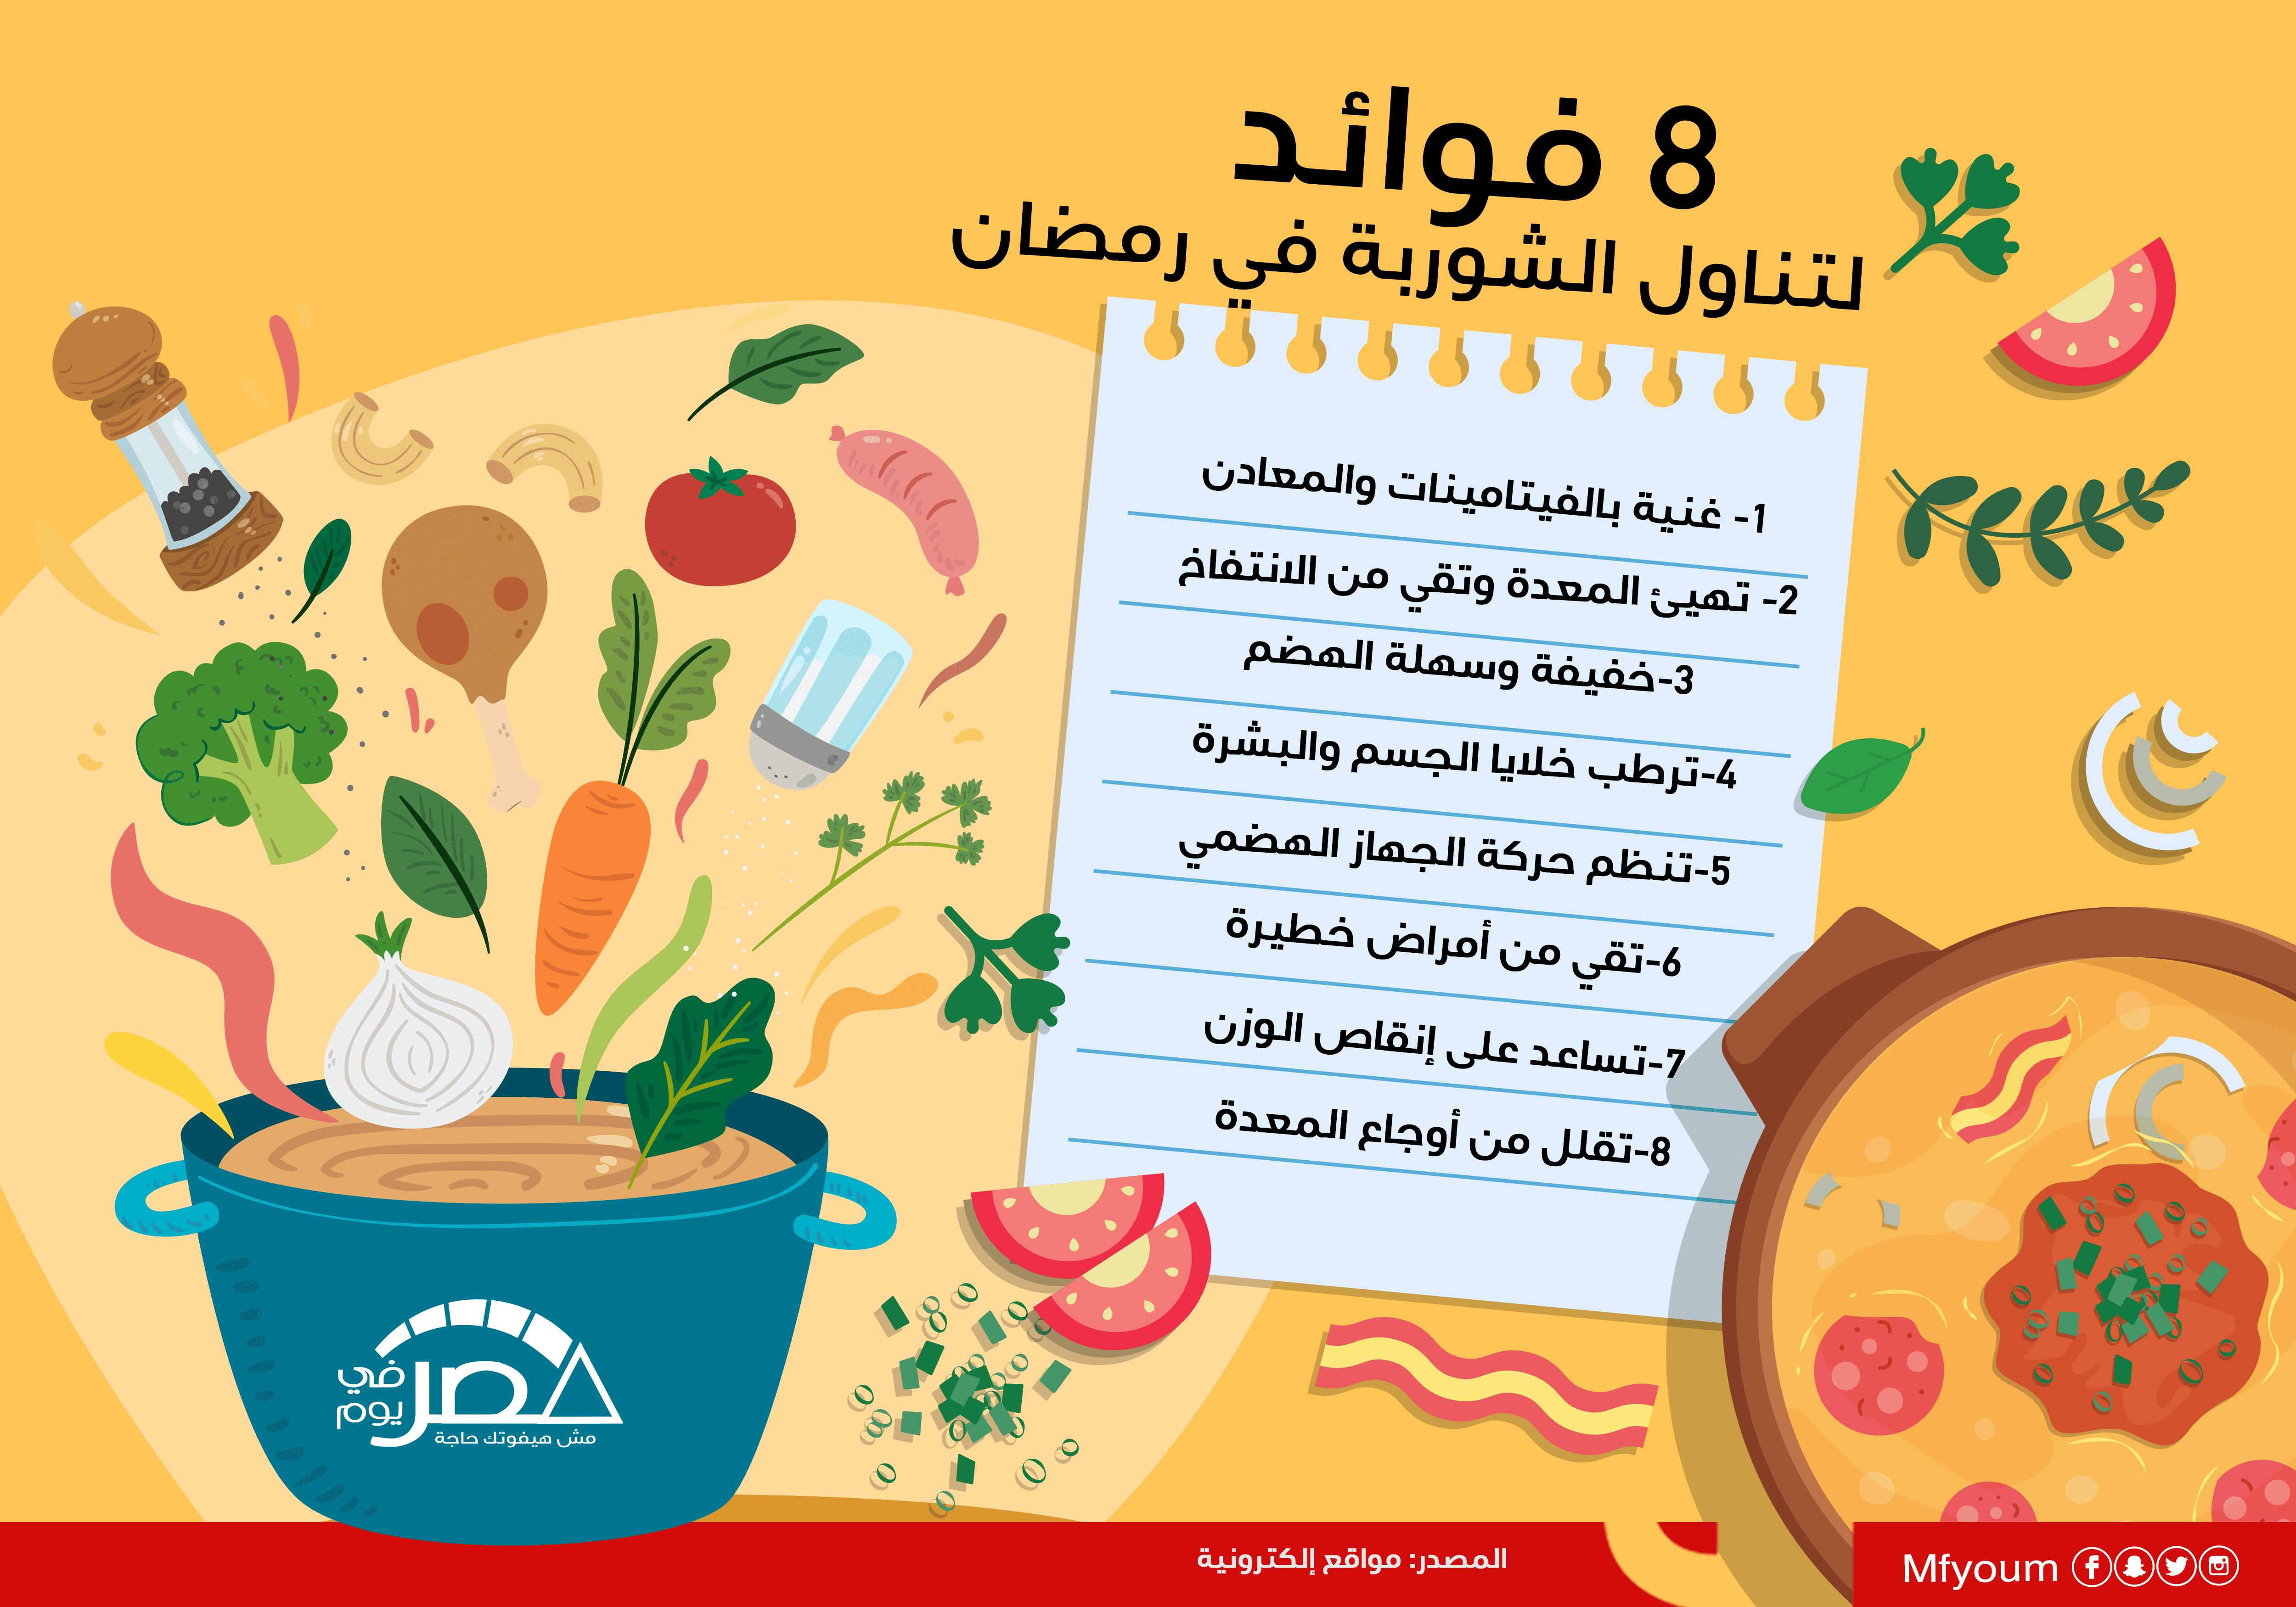 8 فوائد لتناول الشوربة في رمضان (إنفوجراف)